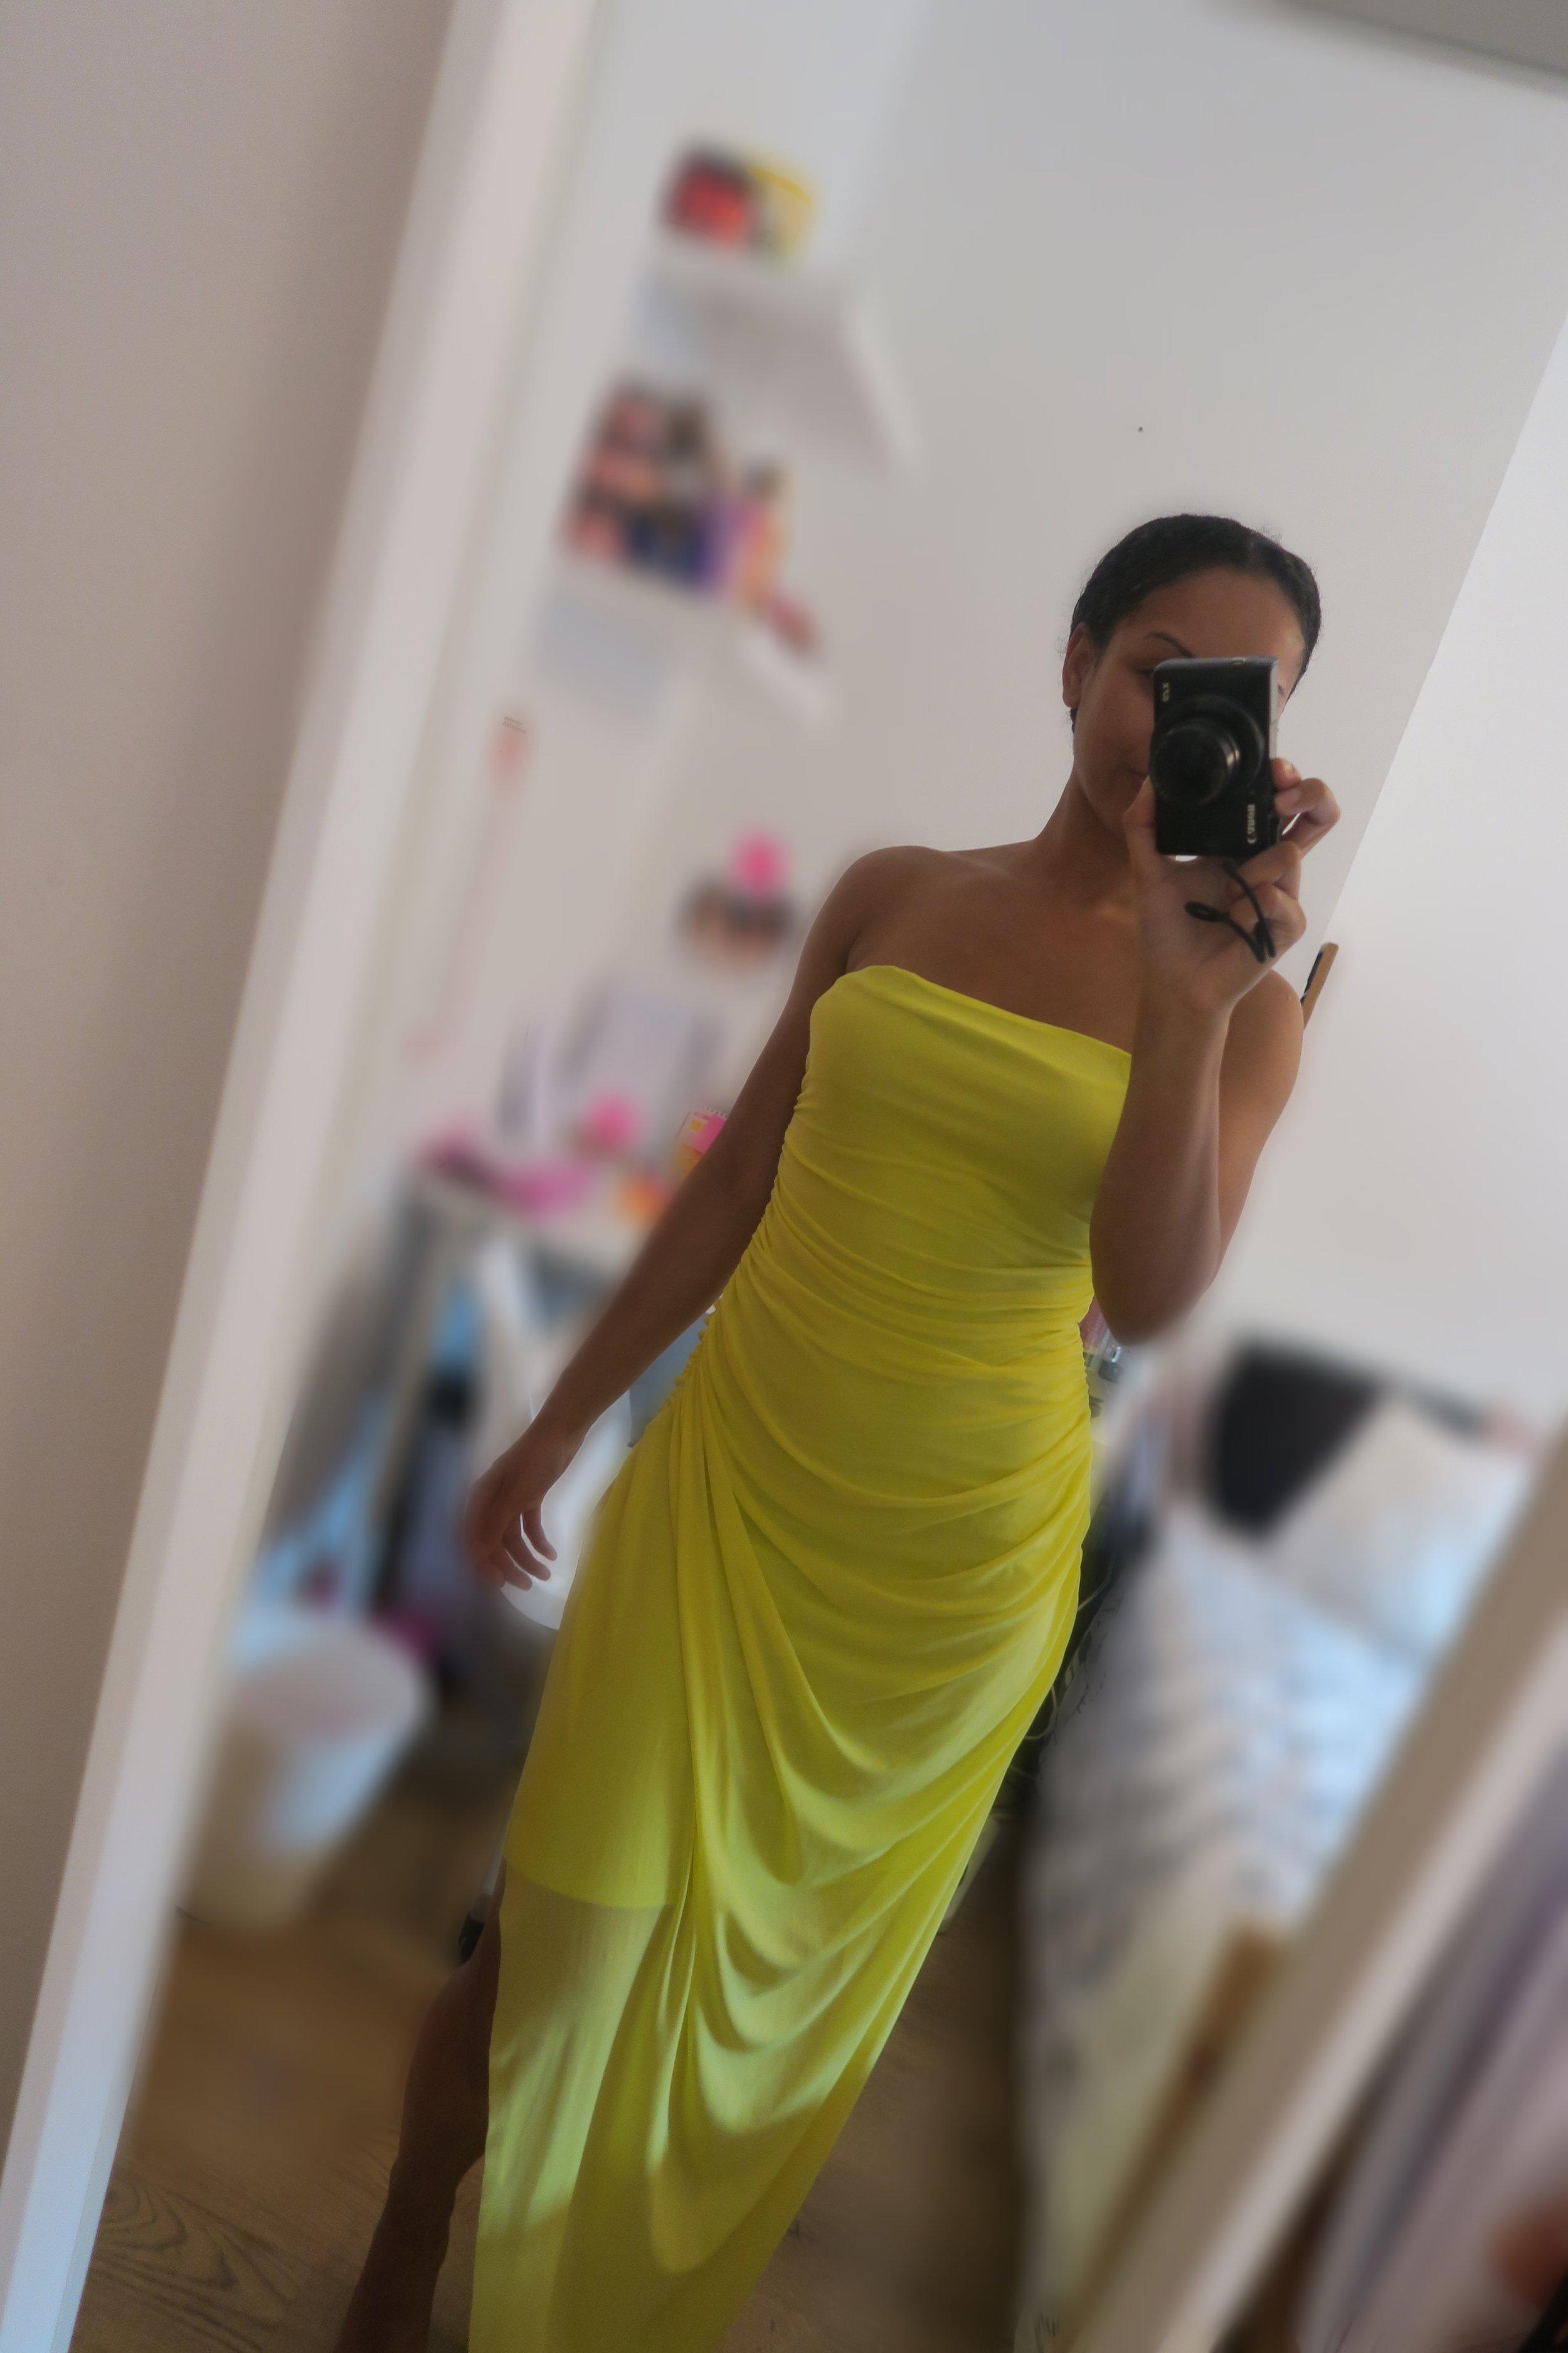 femme luxe yellow long dress